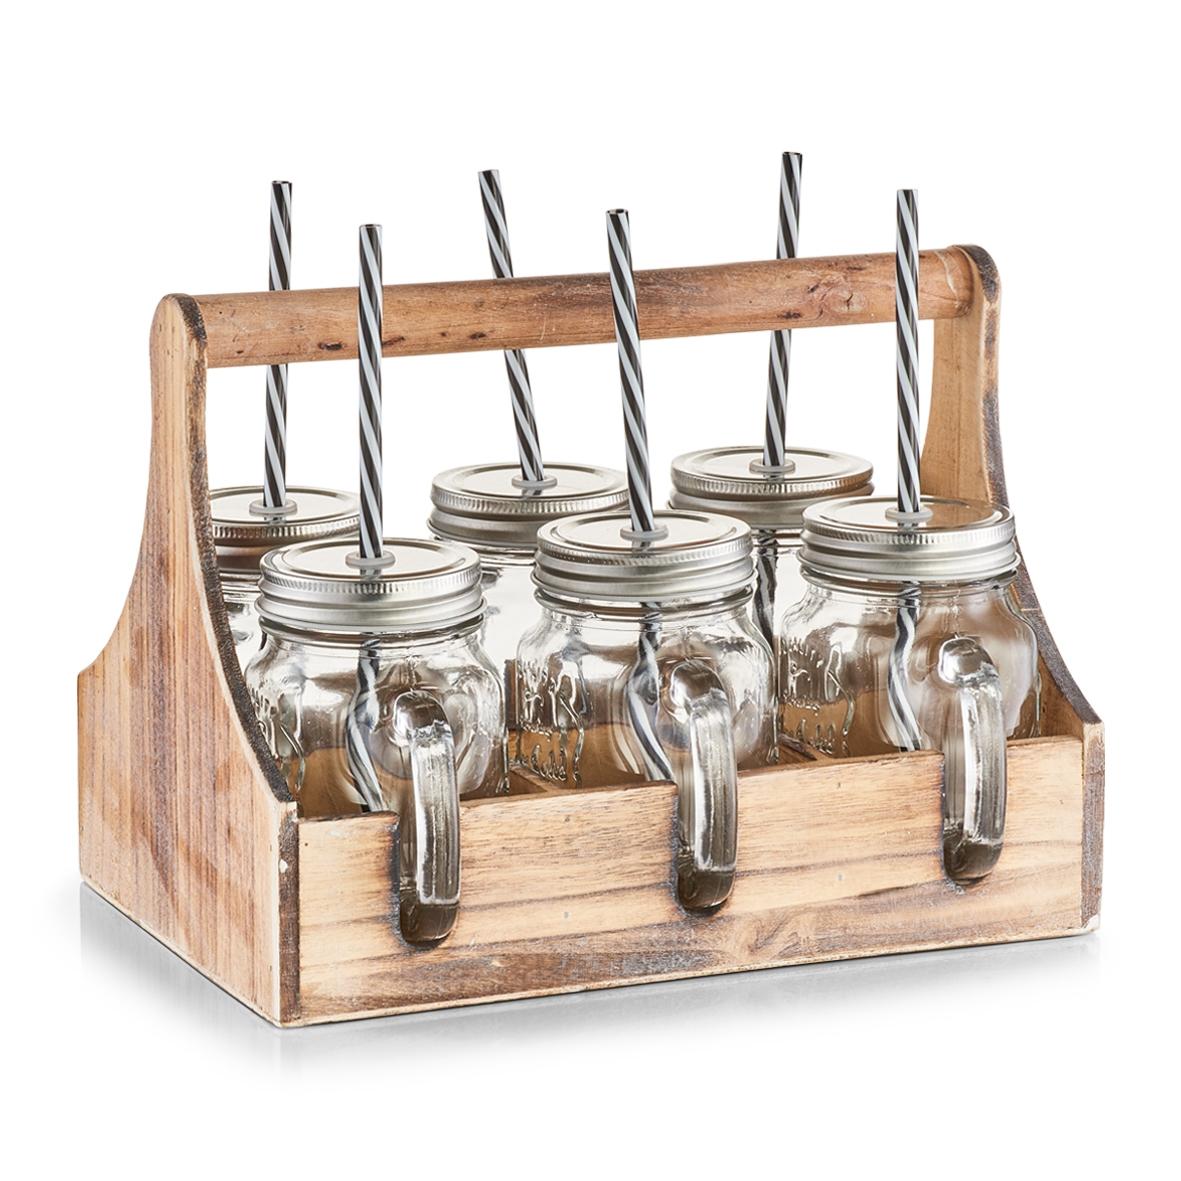 Set borcane cu pai si suport din lemn, 450 ml, Beverage, 7 piese, L29xl22,5xH22,1 cm imagine